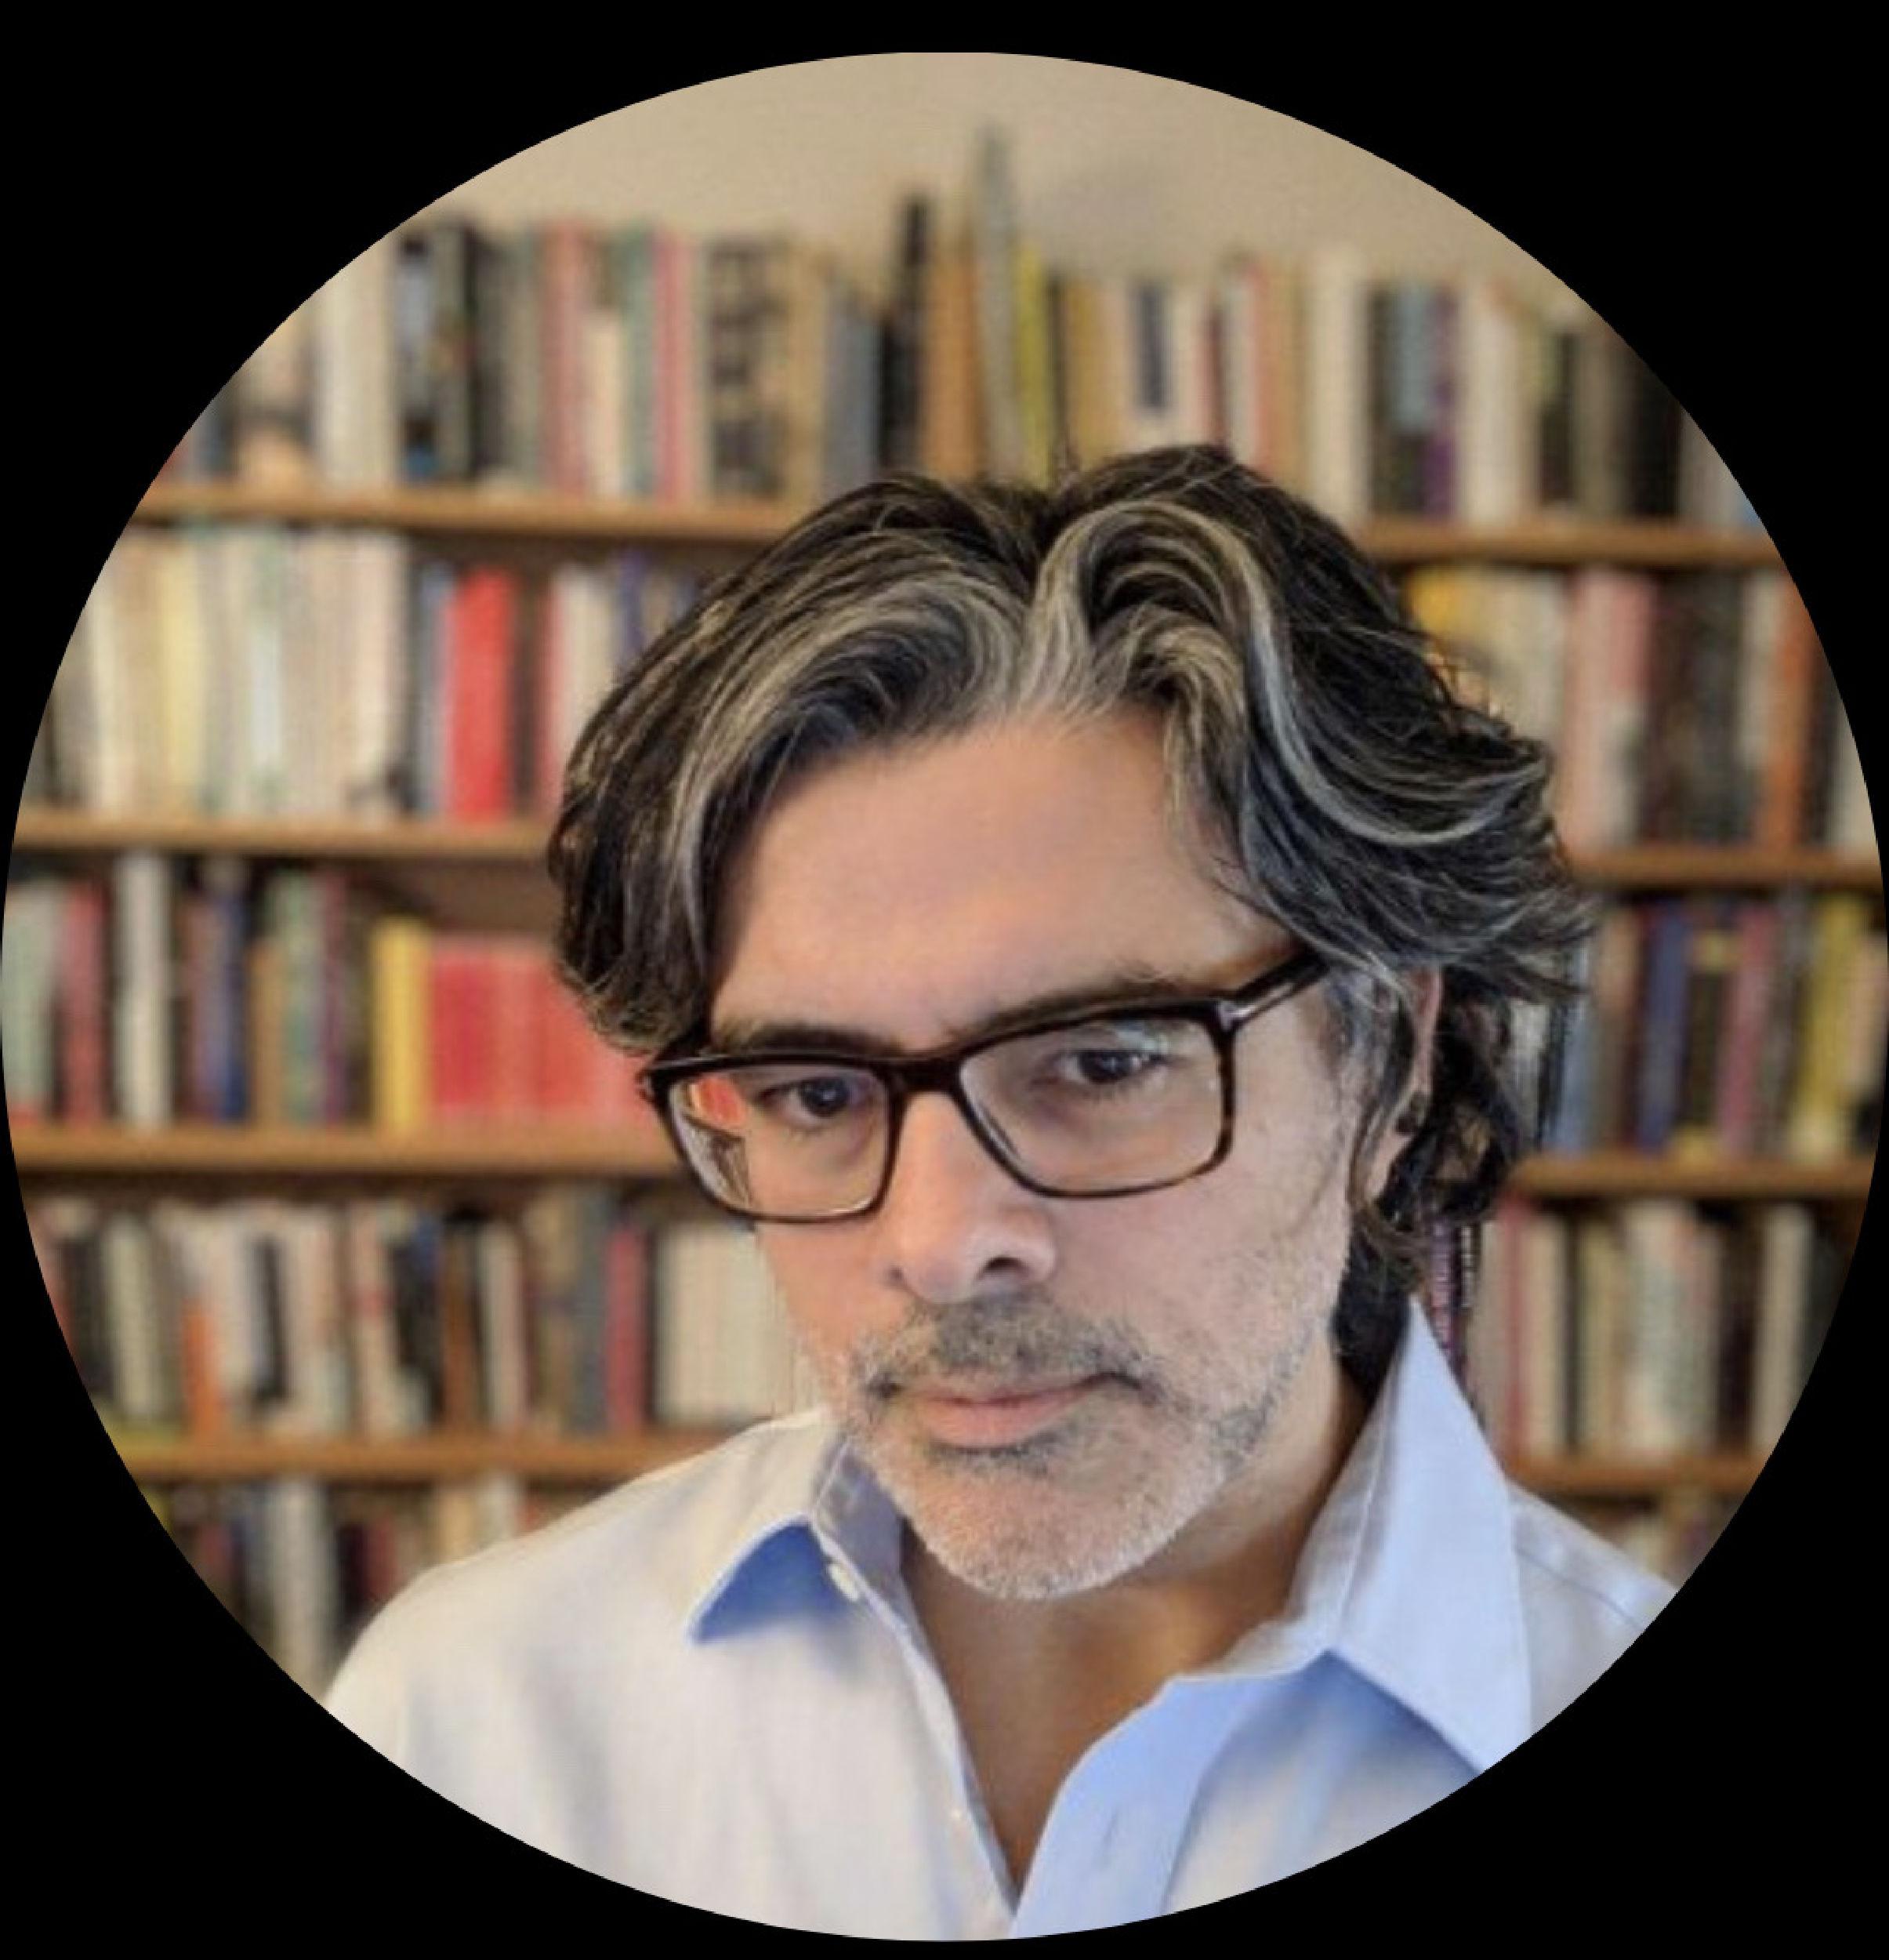 Juan Carlos Perez